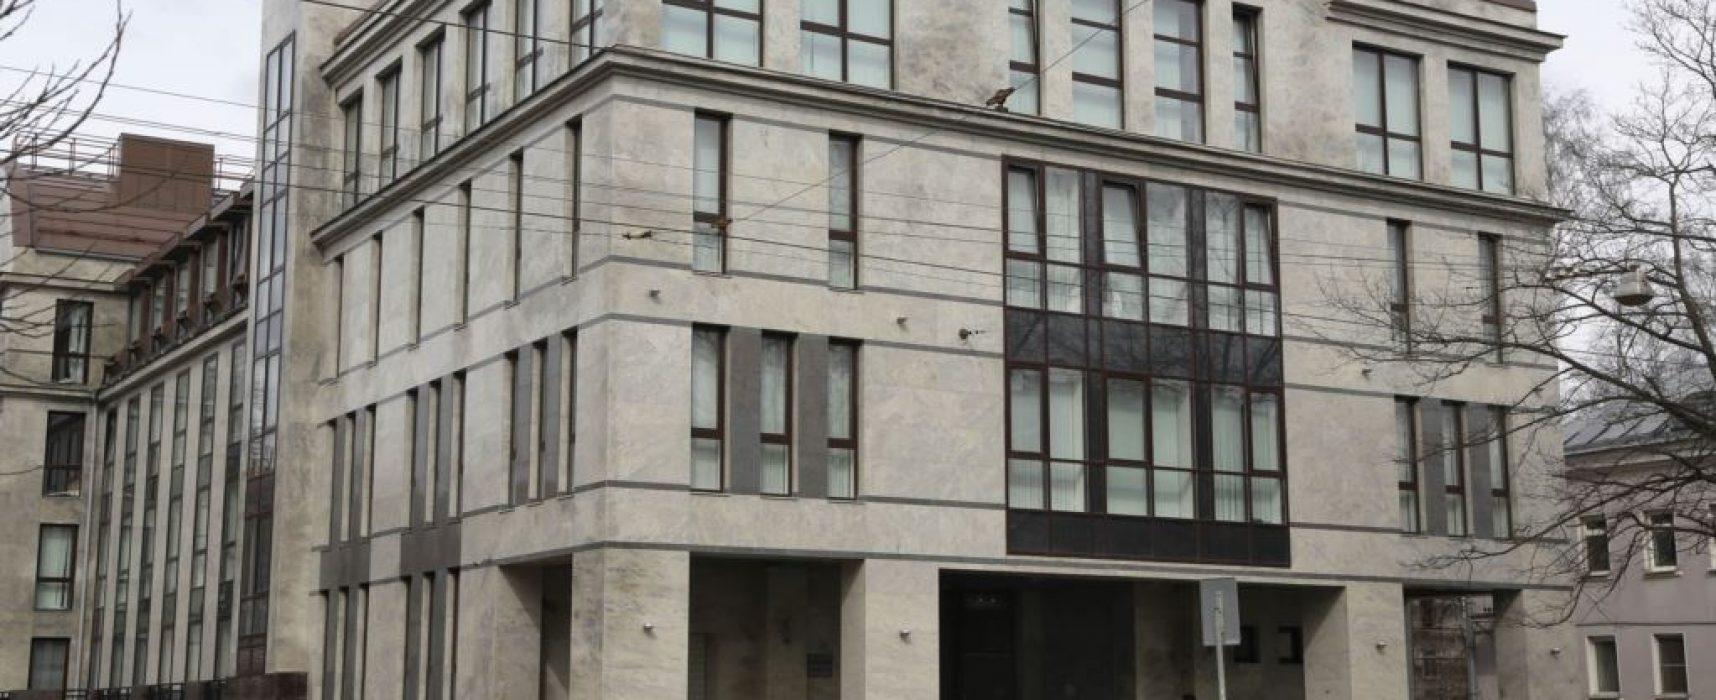 США ввели санкции в отношении сотрудников «фабрики троллей»